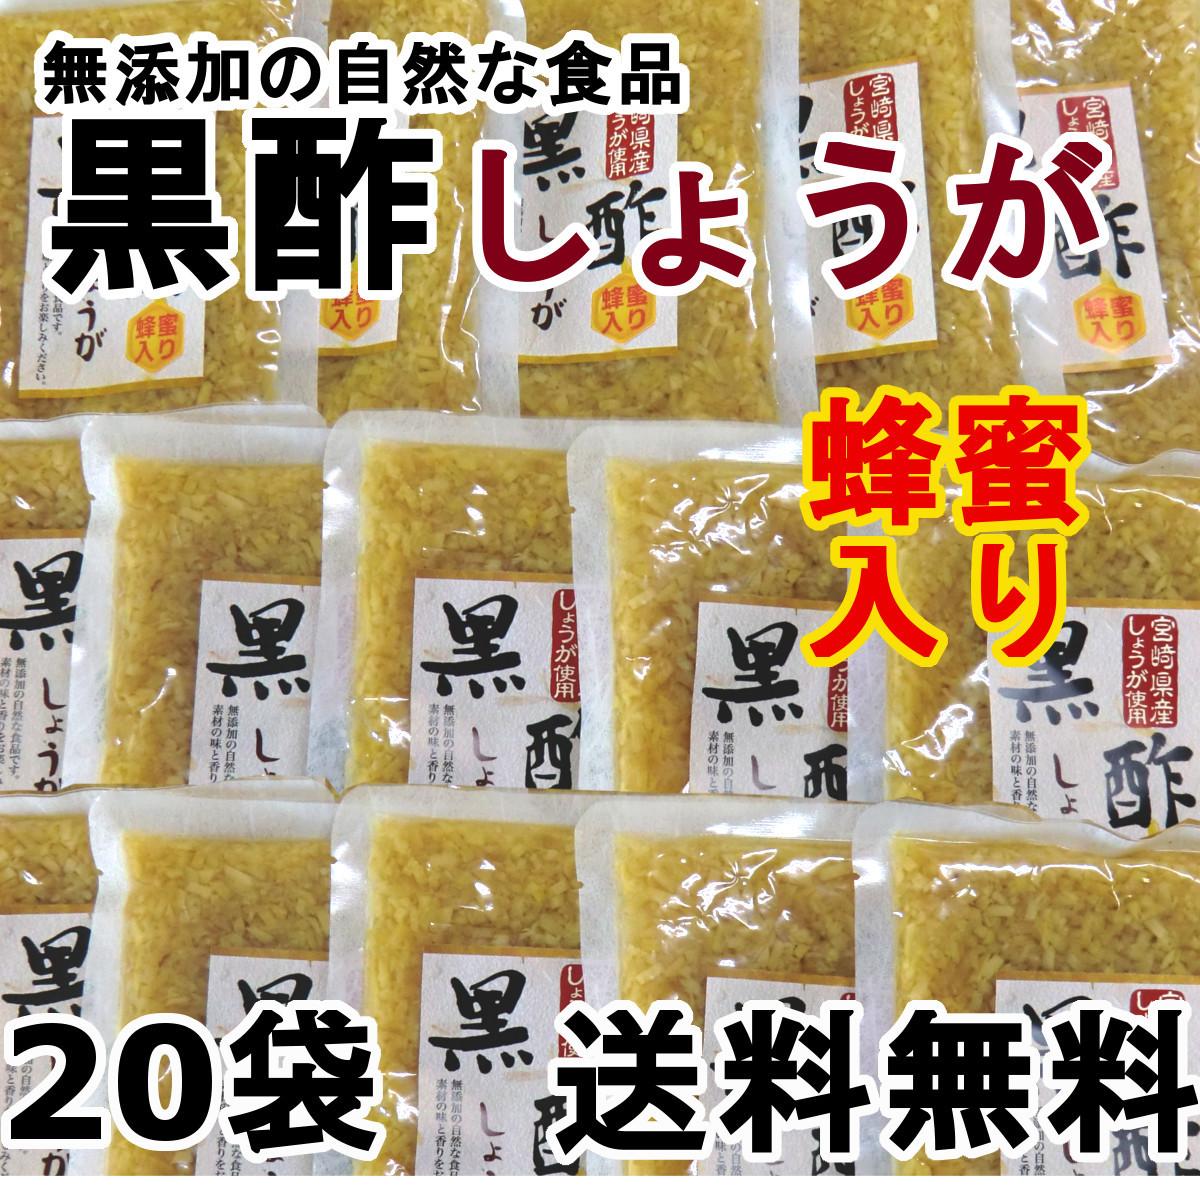 黒酢生姜・蜂蜜入り 20袋 ご飯のお供 色んな料理の薬味 付け合わせに おつまみに おかずに 宮崎県産 生姜使用 送料無料_画像1